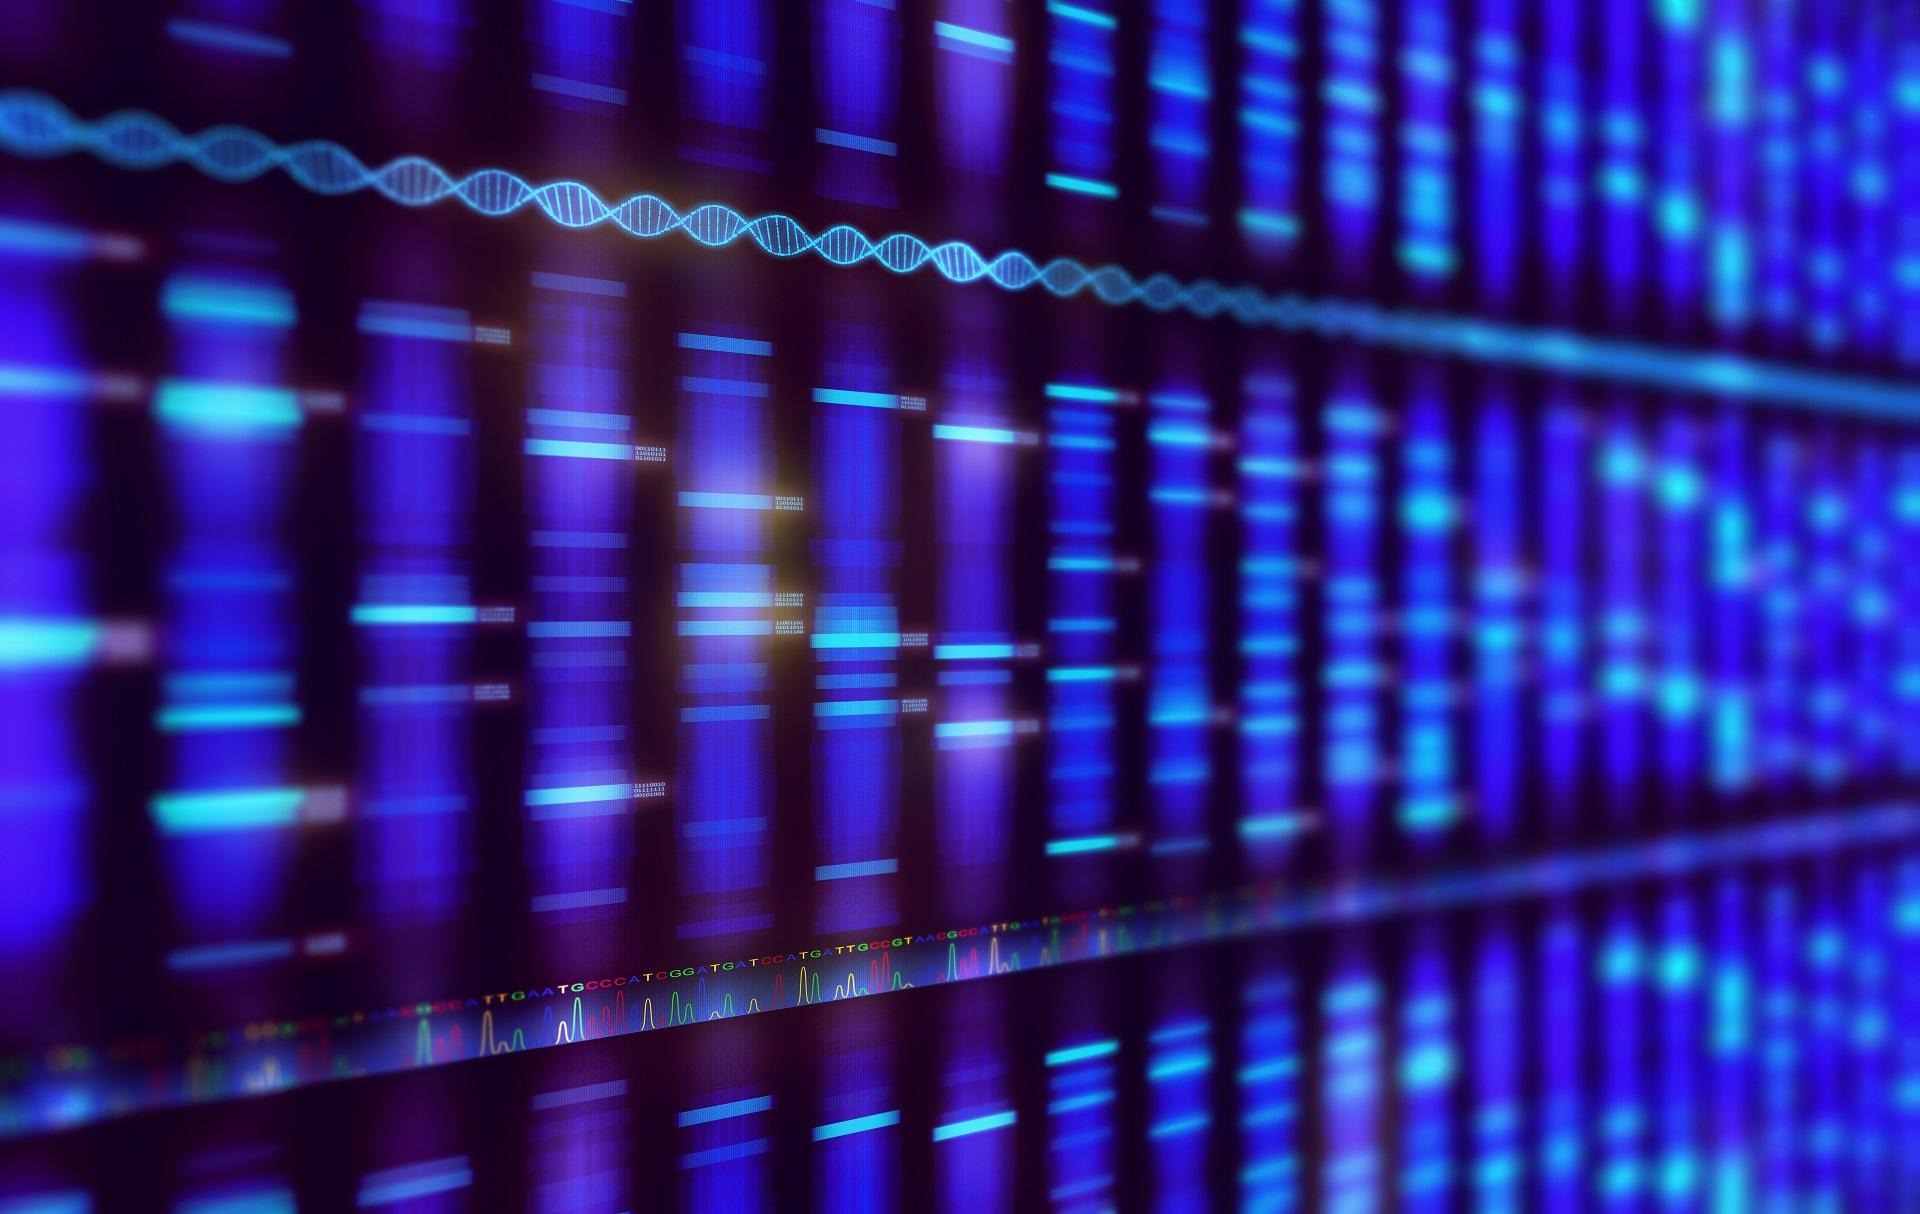 Sequenciamento completo do exoma mapeamento genético sequenciamento exoma clínico doenças raras diagnóstico medicina de precisão mutação genética